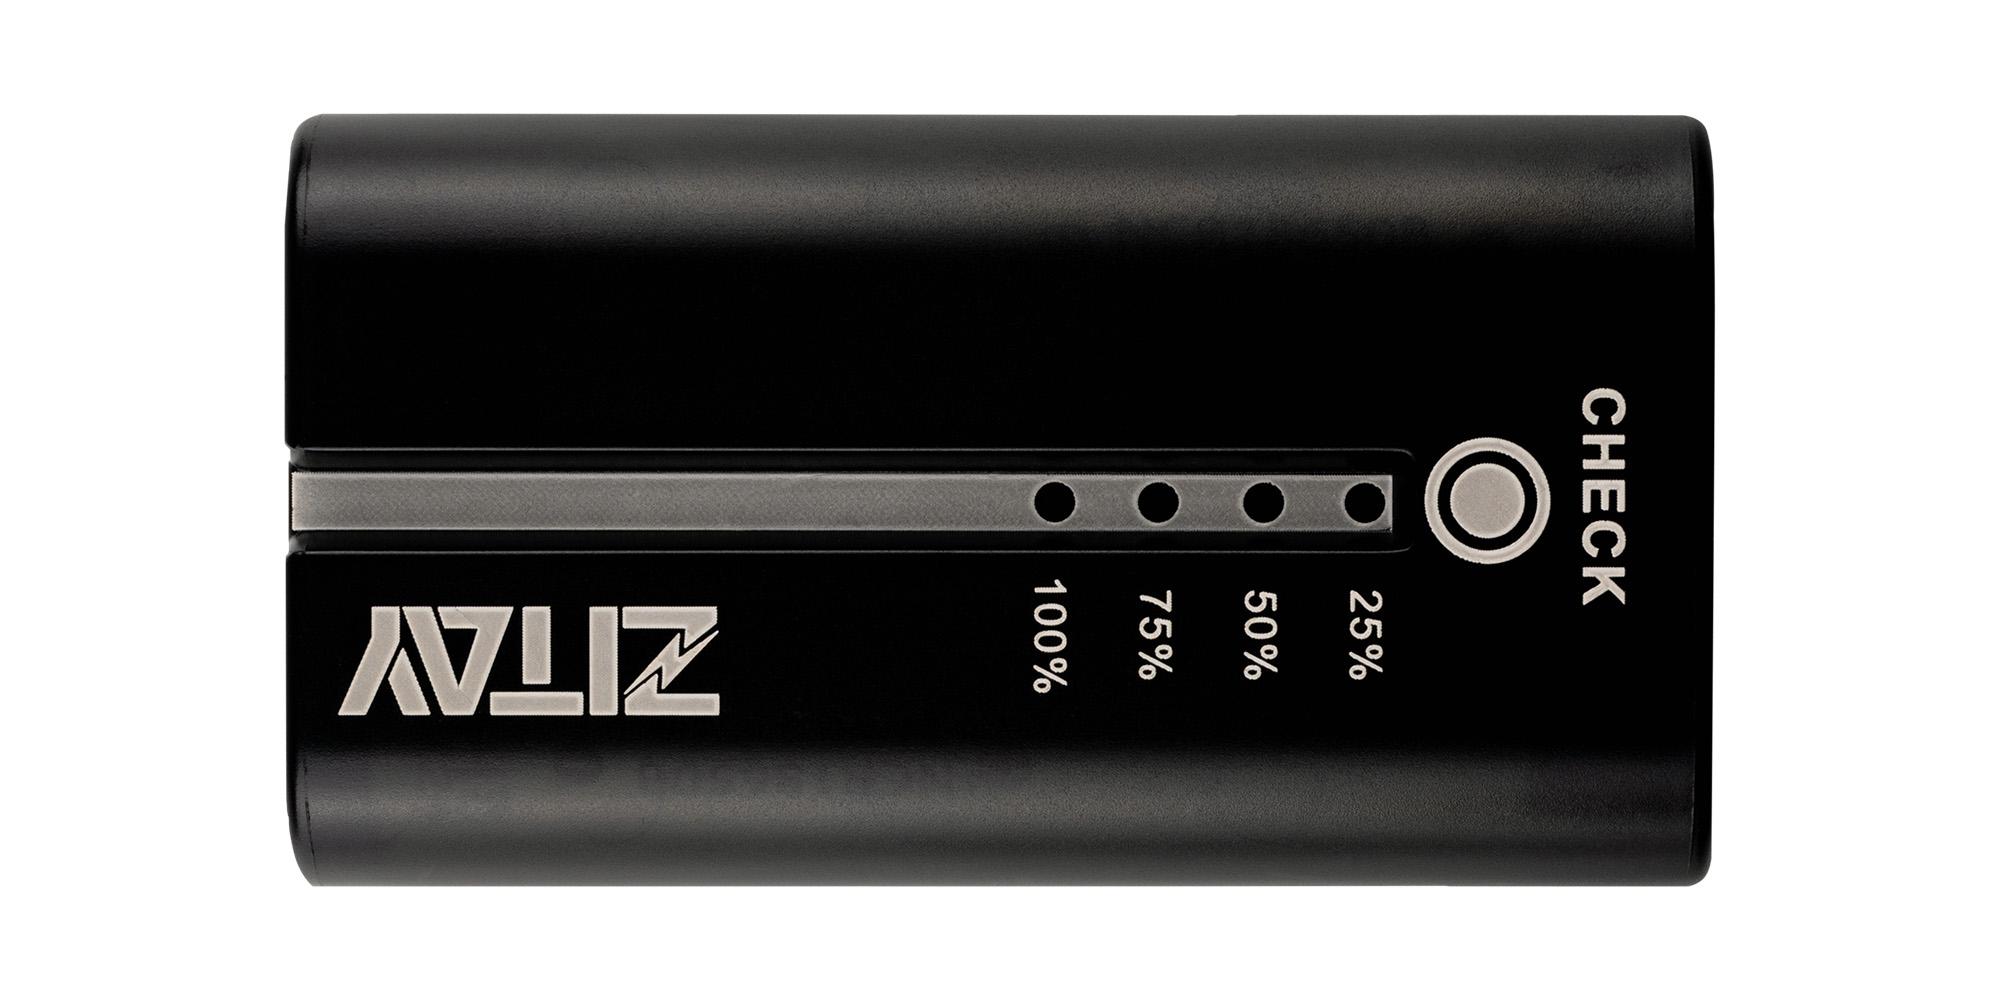 Akumulator Zitay zamiennik NP-F750 - Bezpieczeństwo i ochrona